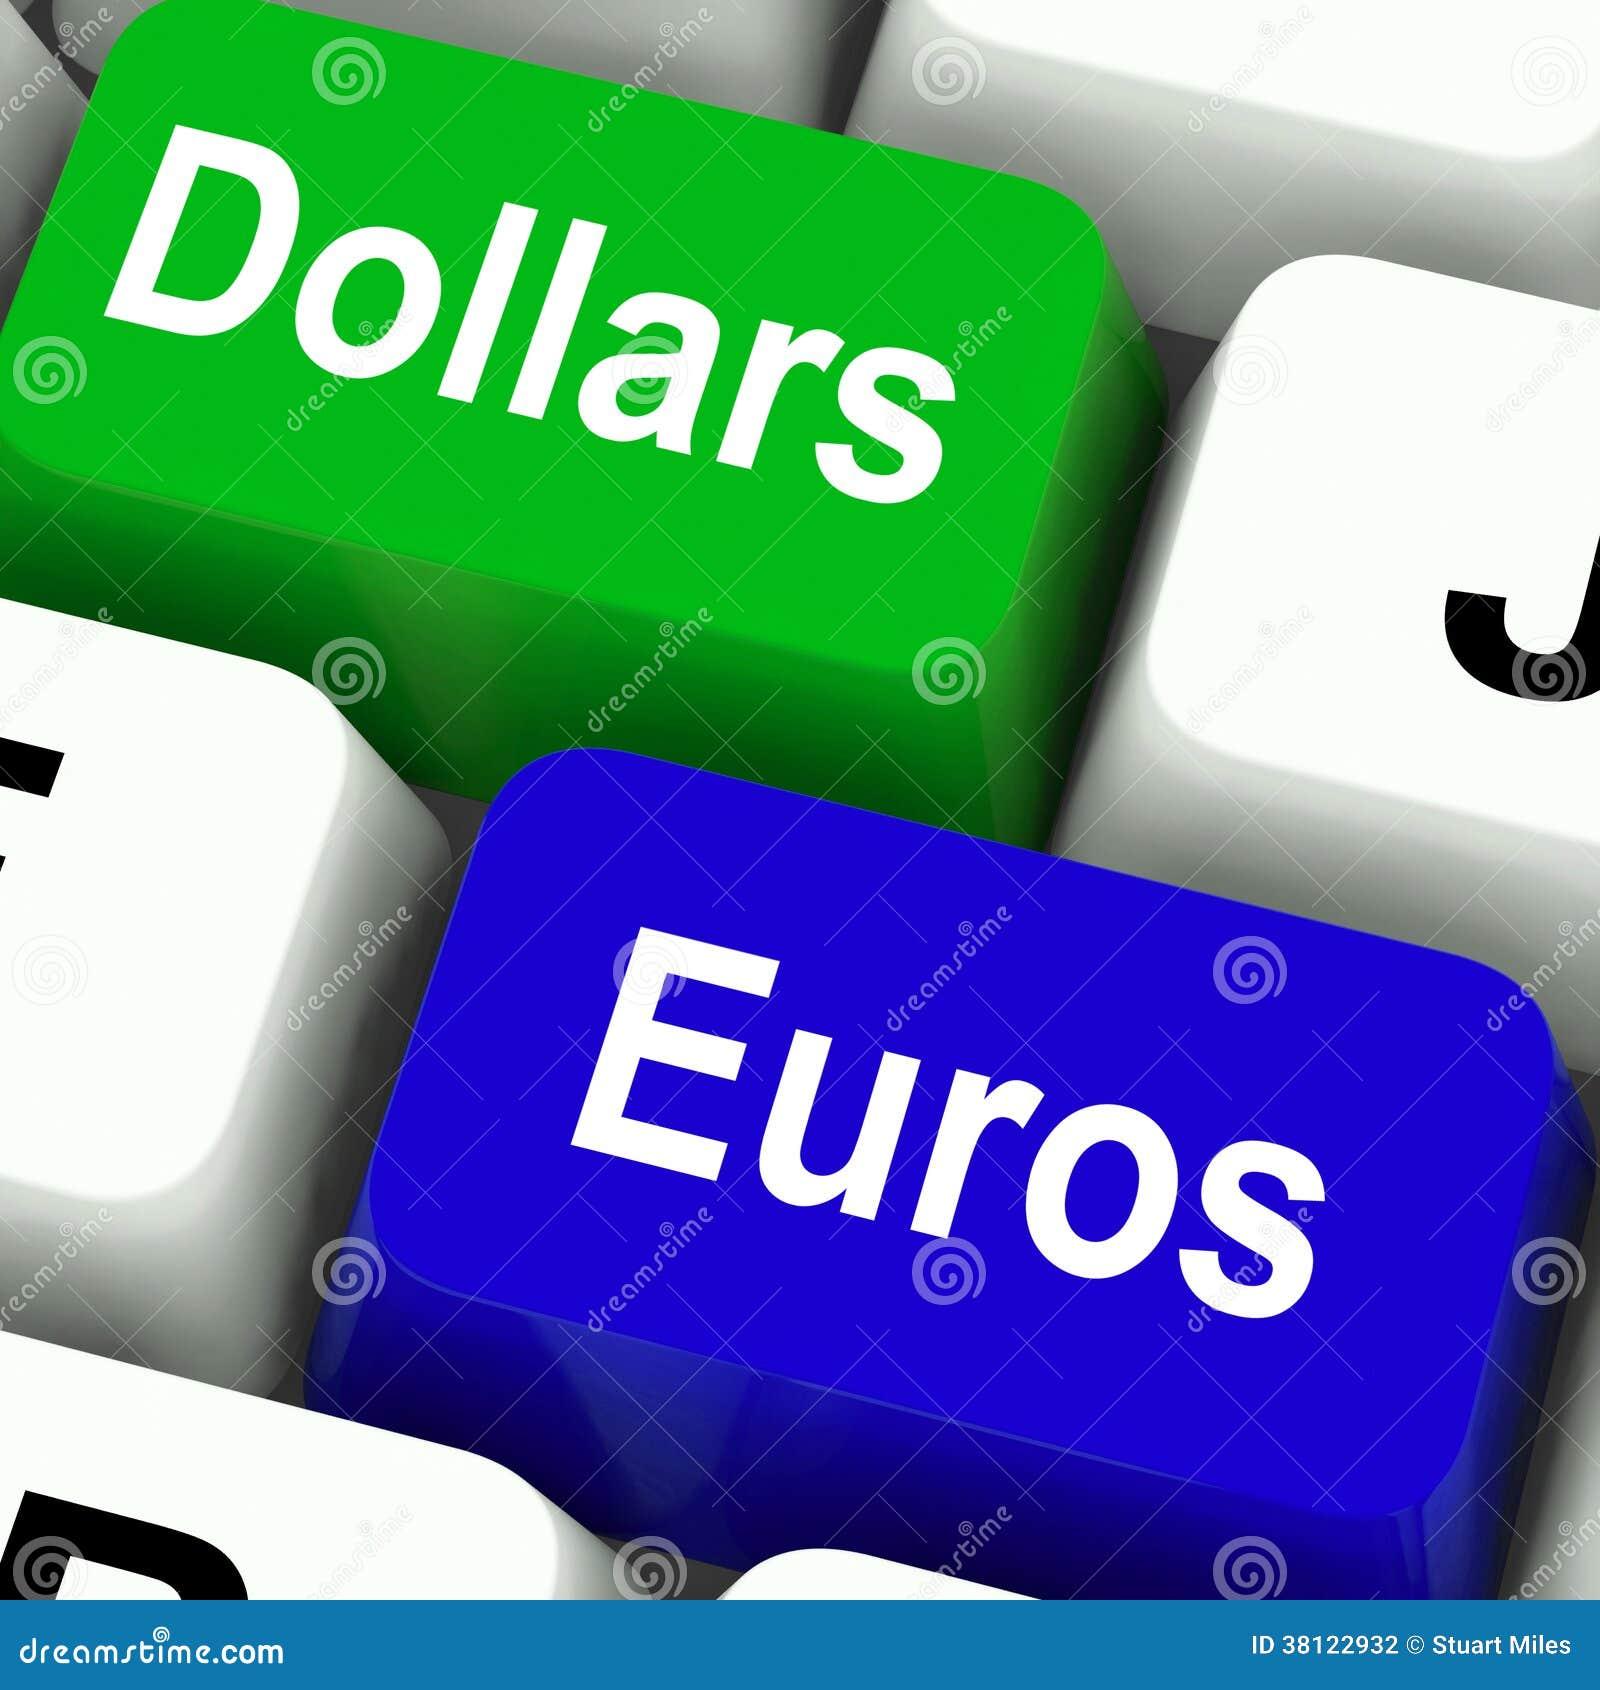 Dólar y Euros Keys Mean Foreign Currency